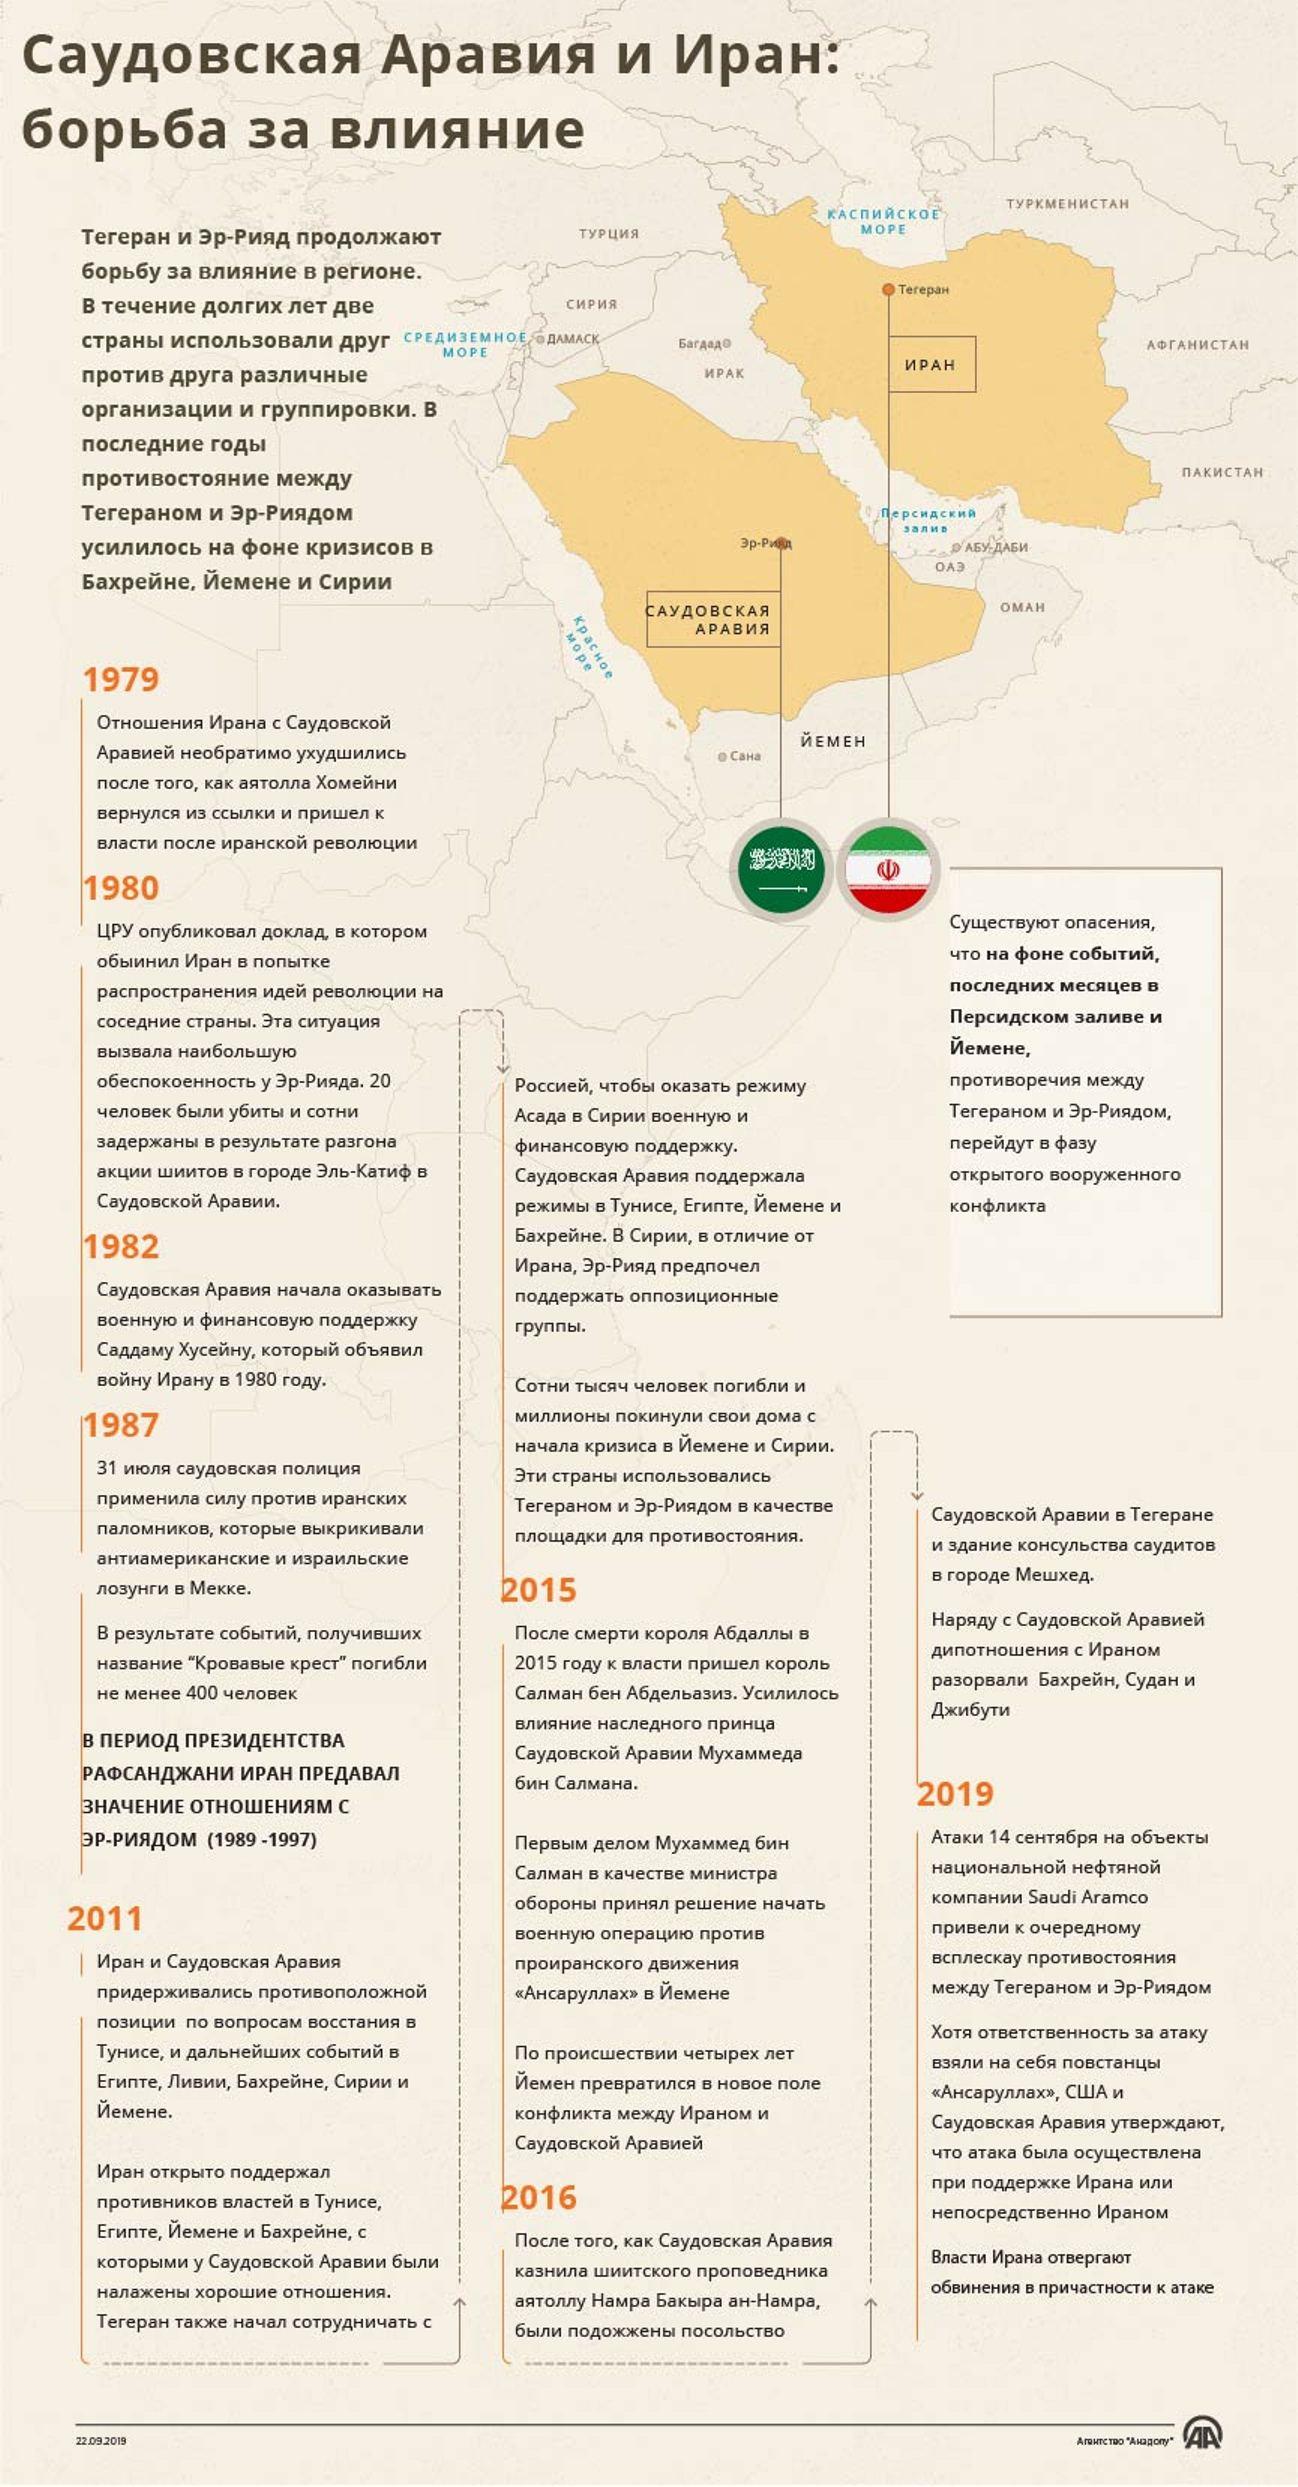 Нефтедоллары - это... понятие, определение и история появления термина